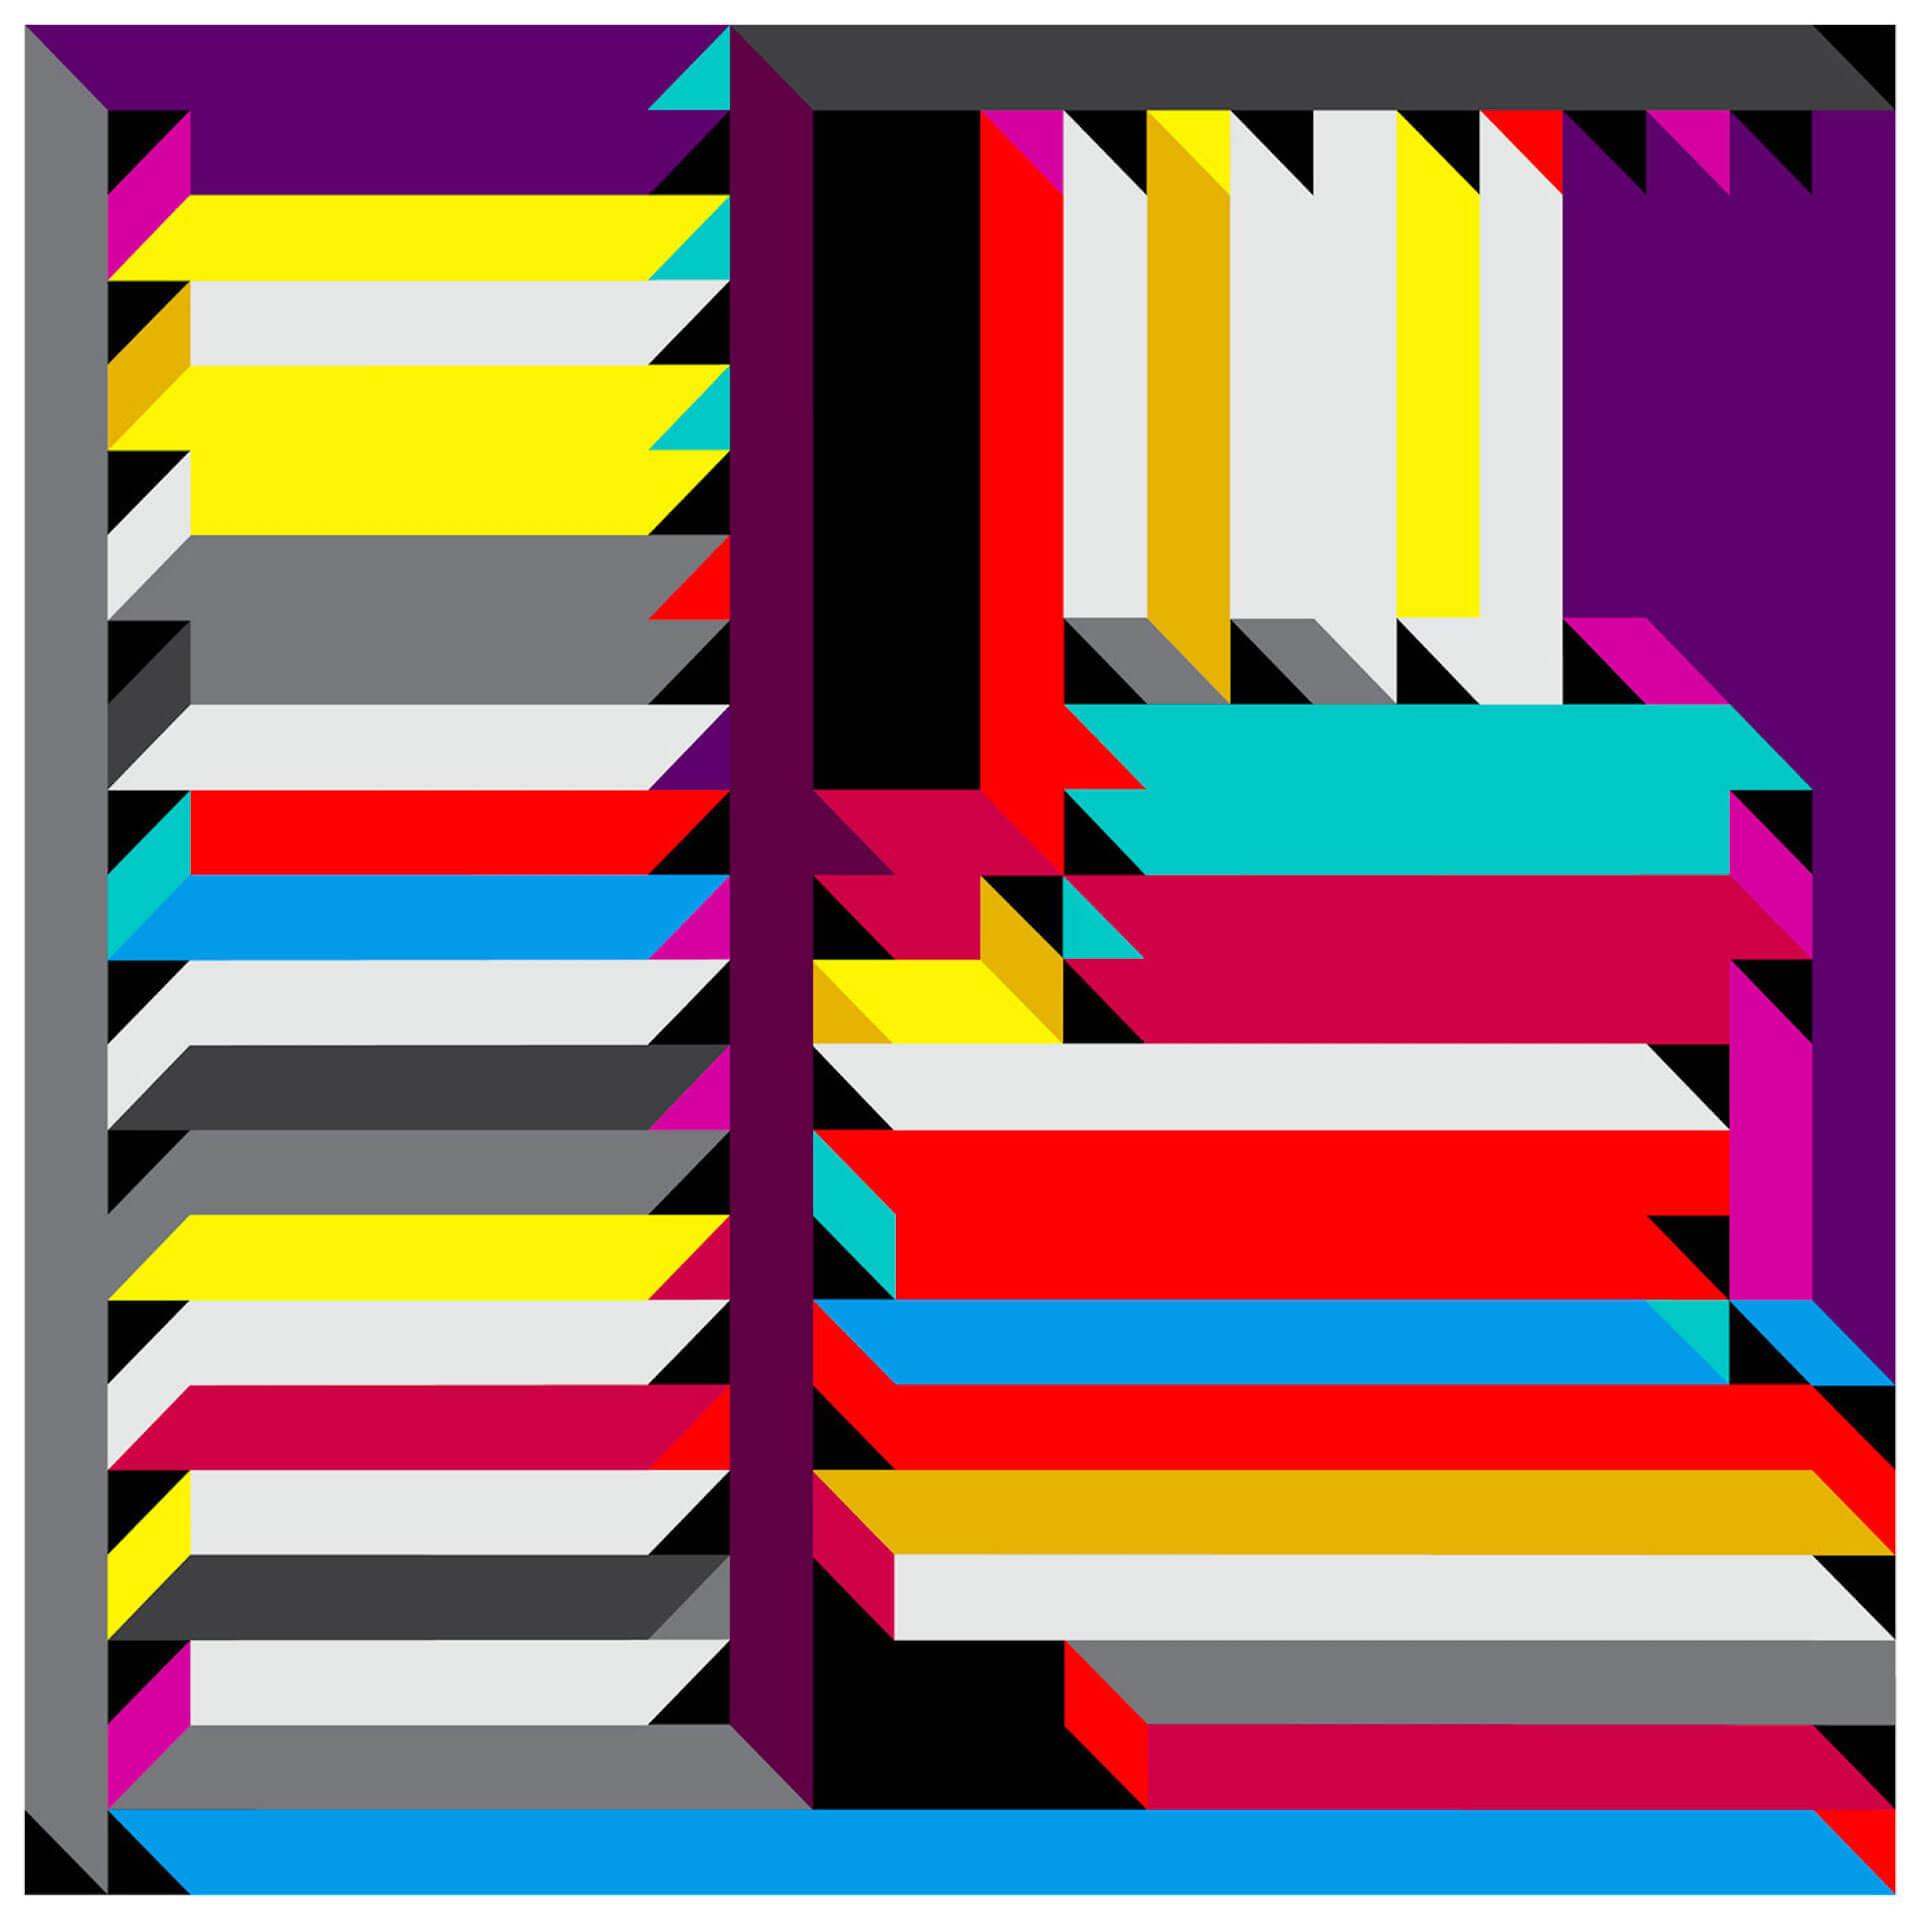 Battlesが『Juice B Crypts』のオンライン・リミックス・プロジェクトをスタート!〈Warp Records〉から賞品も music200330_battlesremix_01